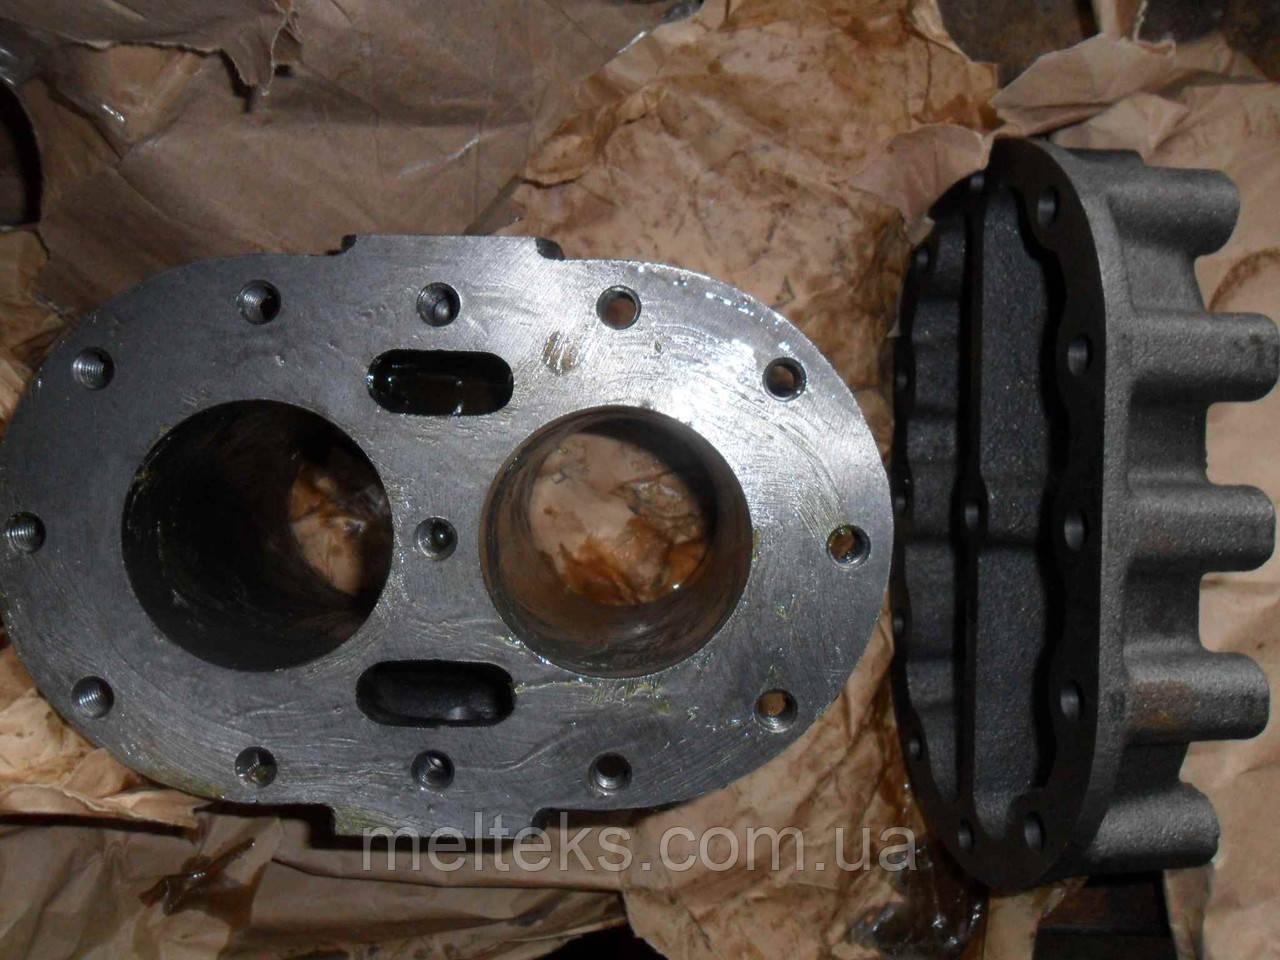 Блок цилиндров, крышки картера ИФ-56 (цены в тексте описания)